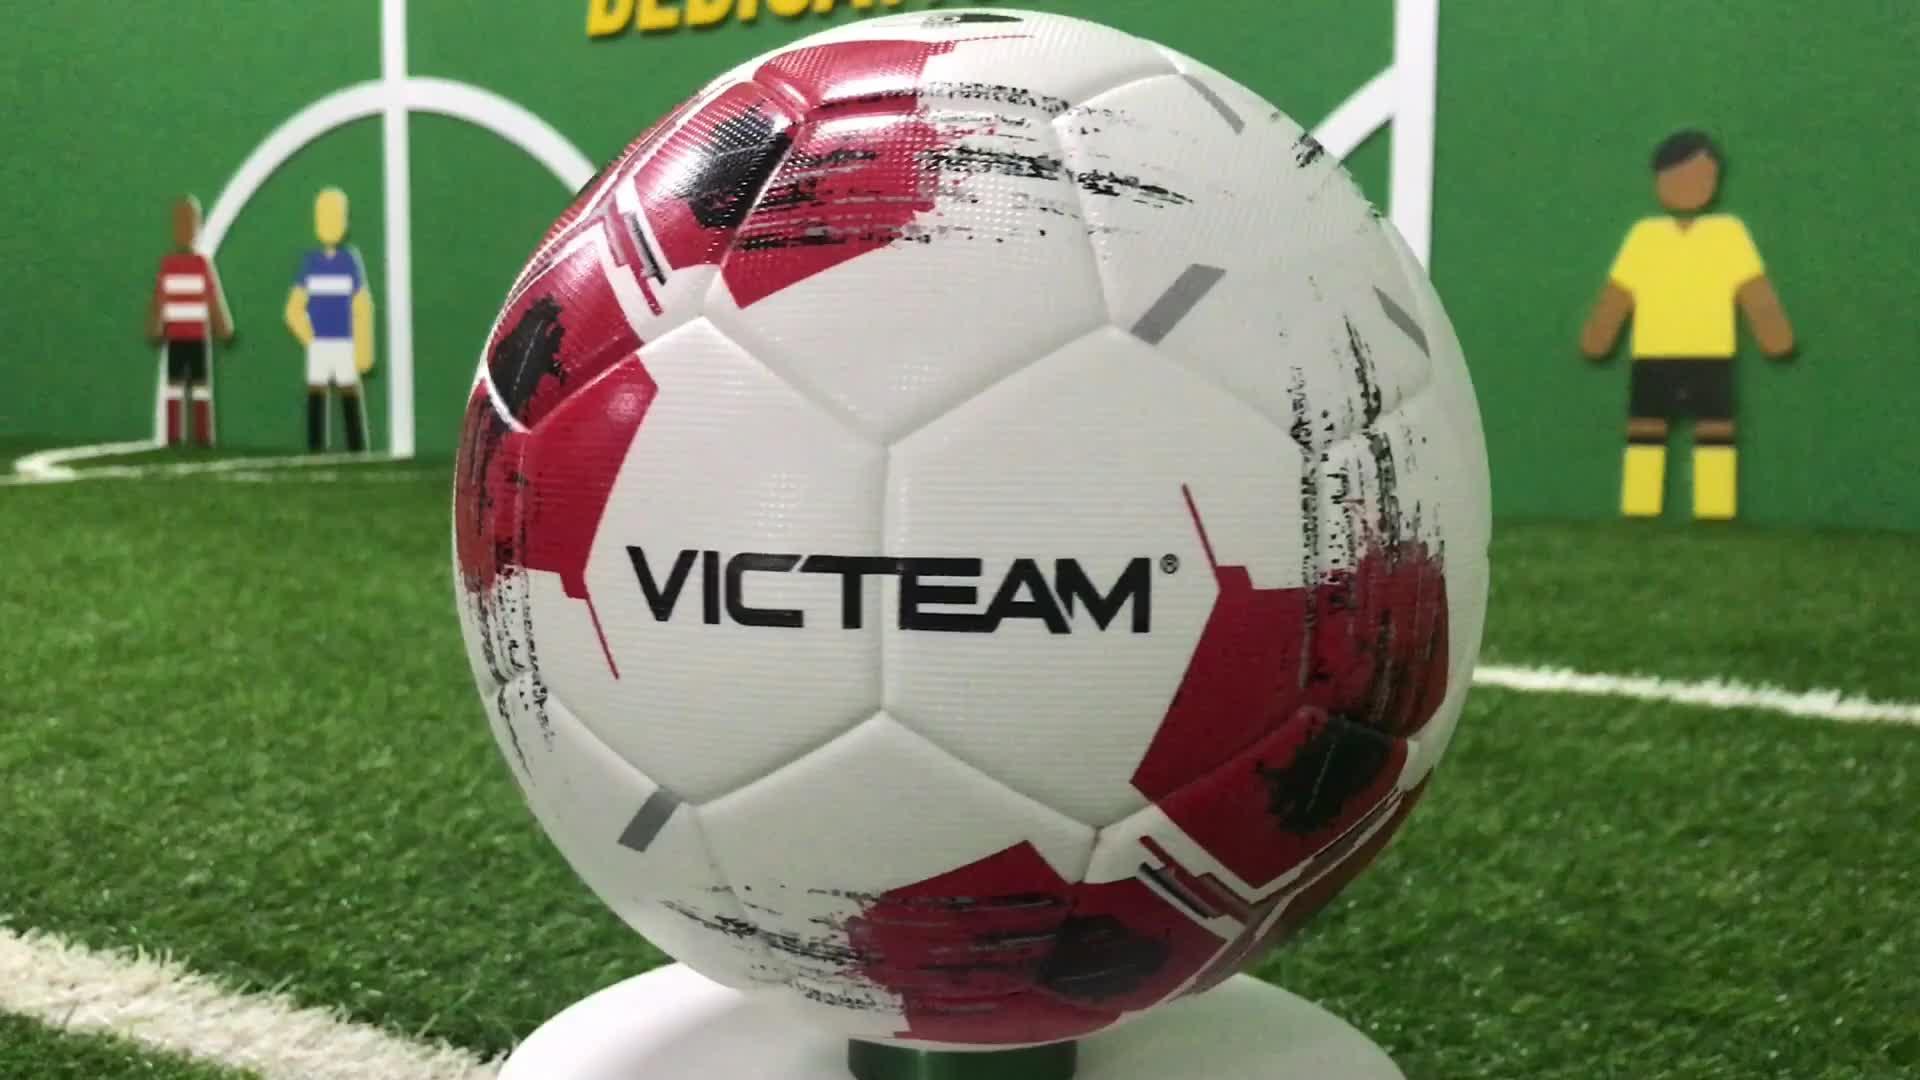 Premium Officiële Maat 5 PU Voetbal Voor de Wedstrijd, Goood Kwaliteit Gelamineerd Voetbal